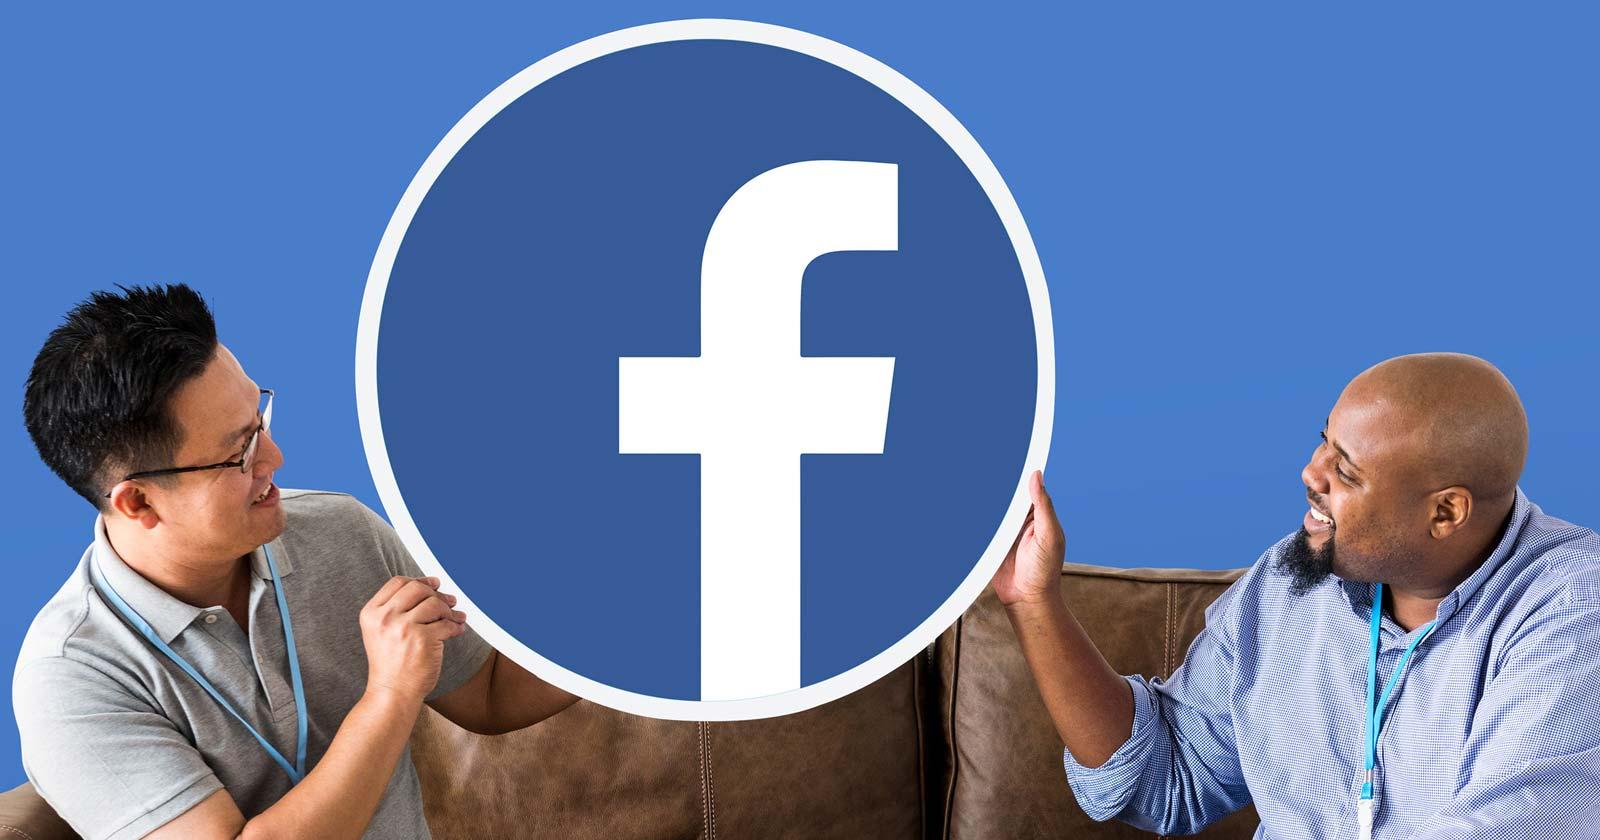 ¿Cómo podrías generar Leads en Facebook como agente de seguros?